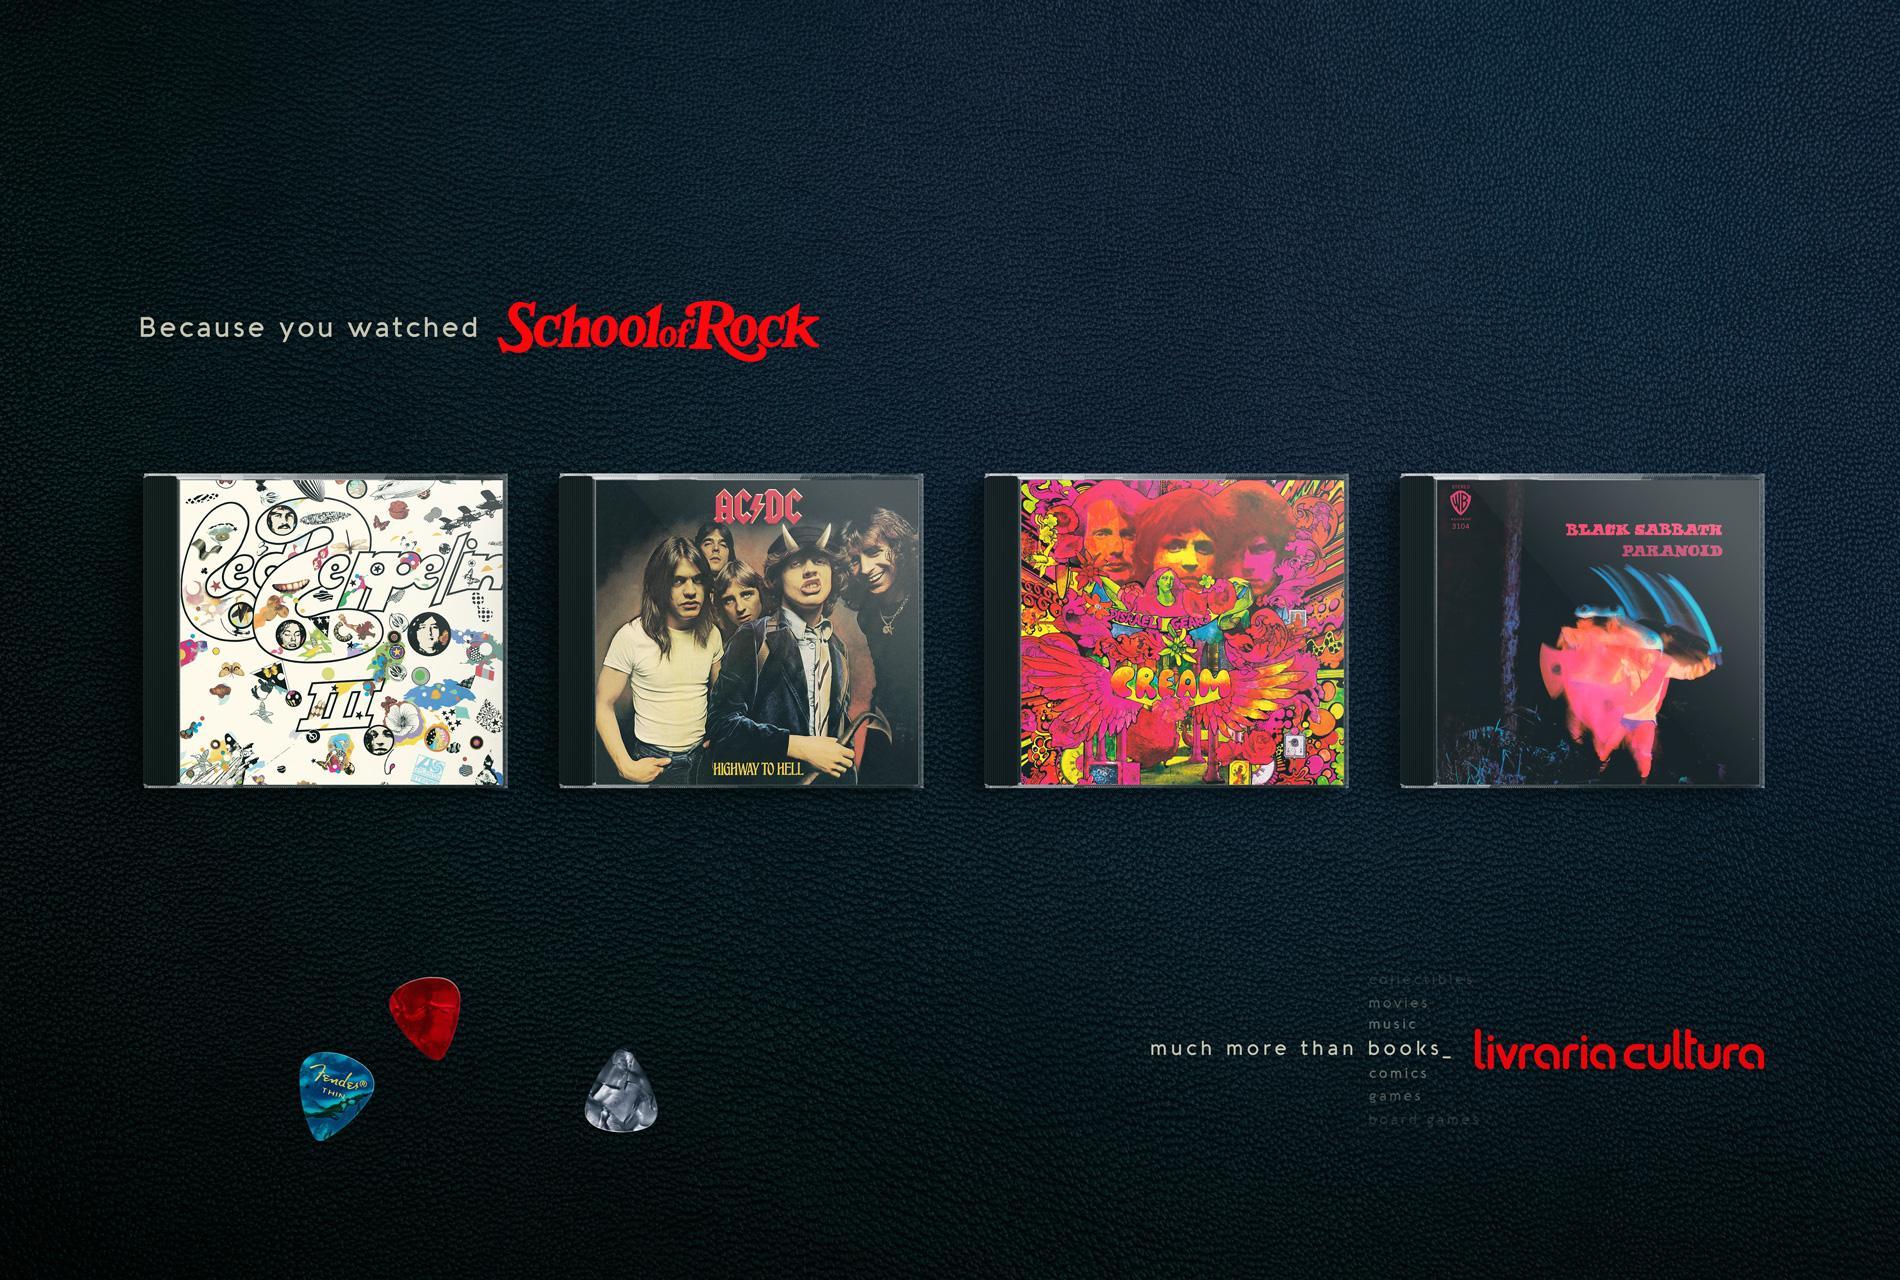 Livraria Cultura Print Ad - School of Rock